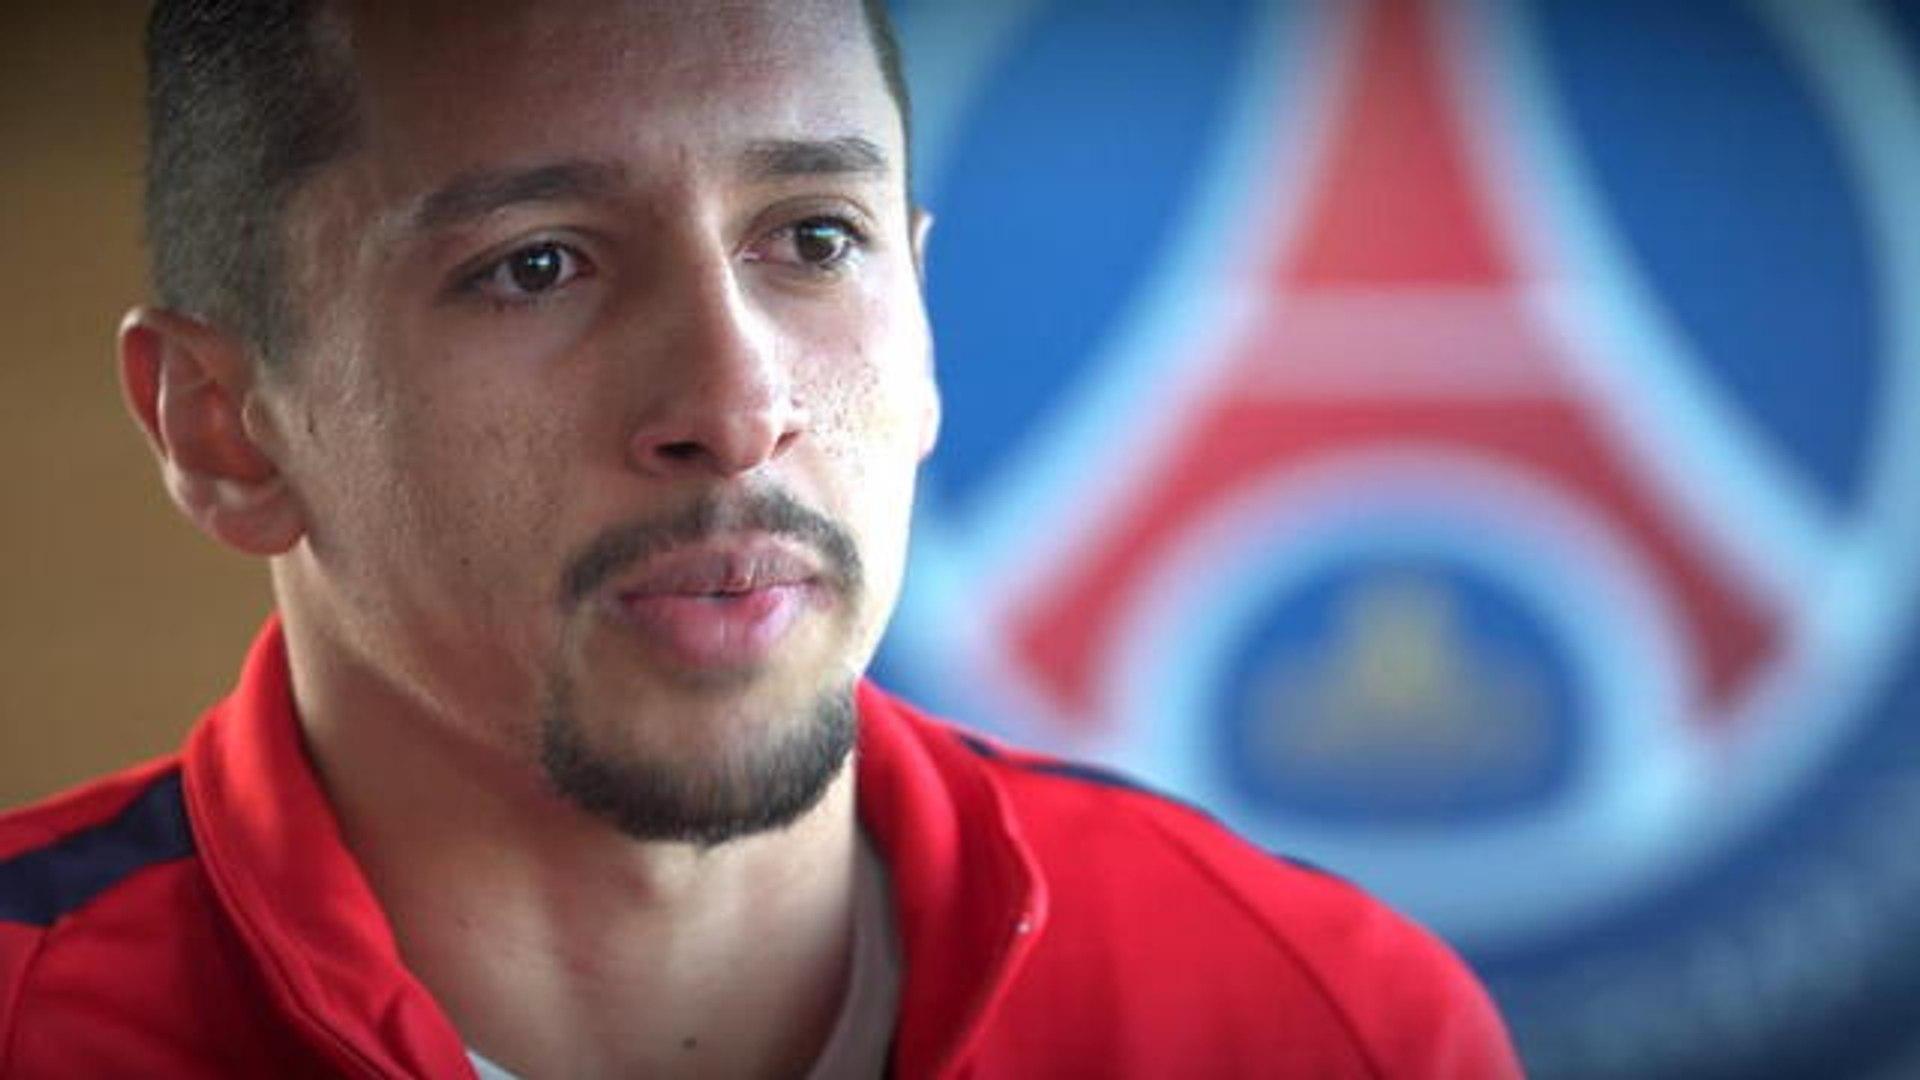 """PSG/Reims - Marquinhos """"On doit se remettre en question...Il faut repartir de l'avant"""""""